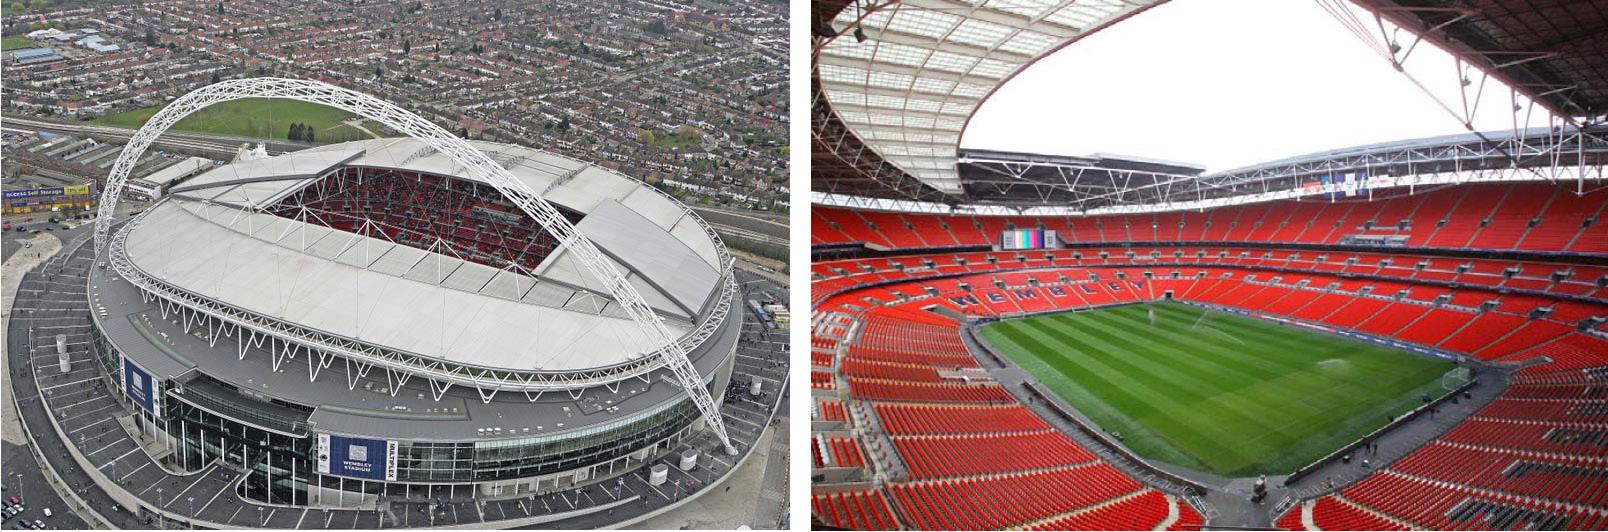 Nou estadi de Wembley